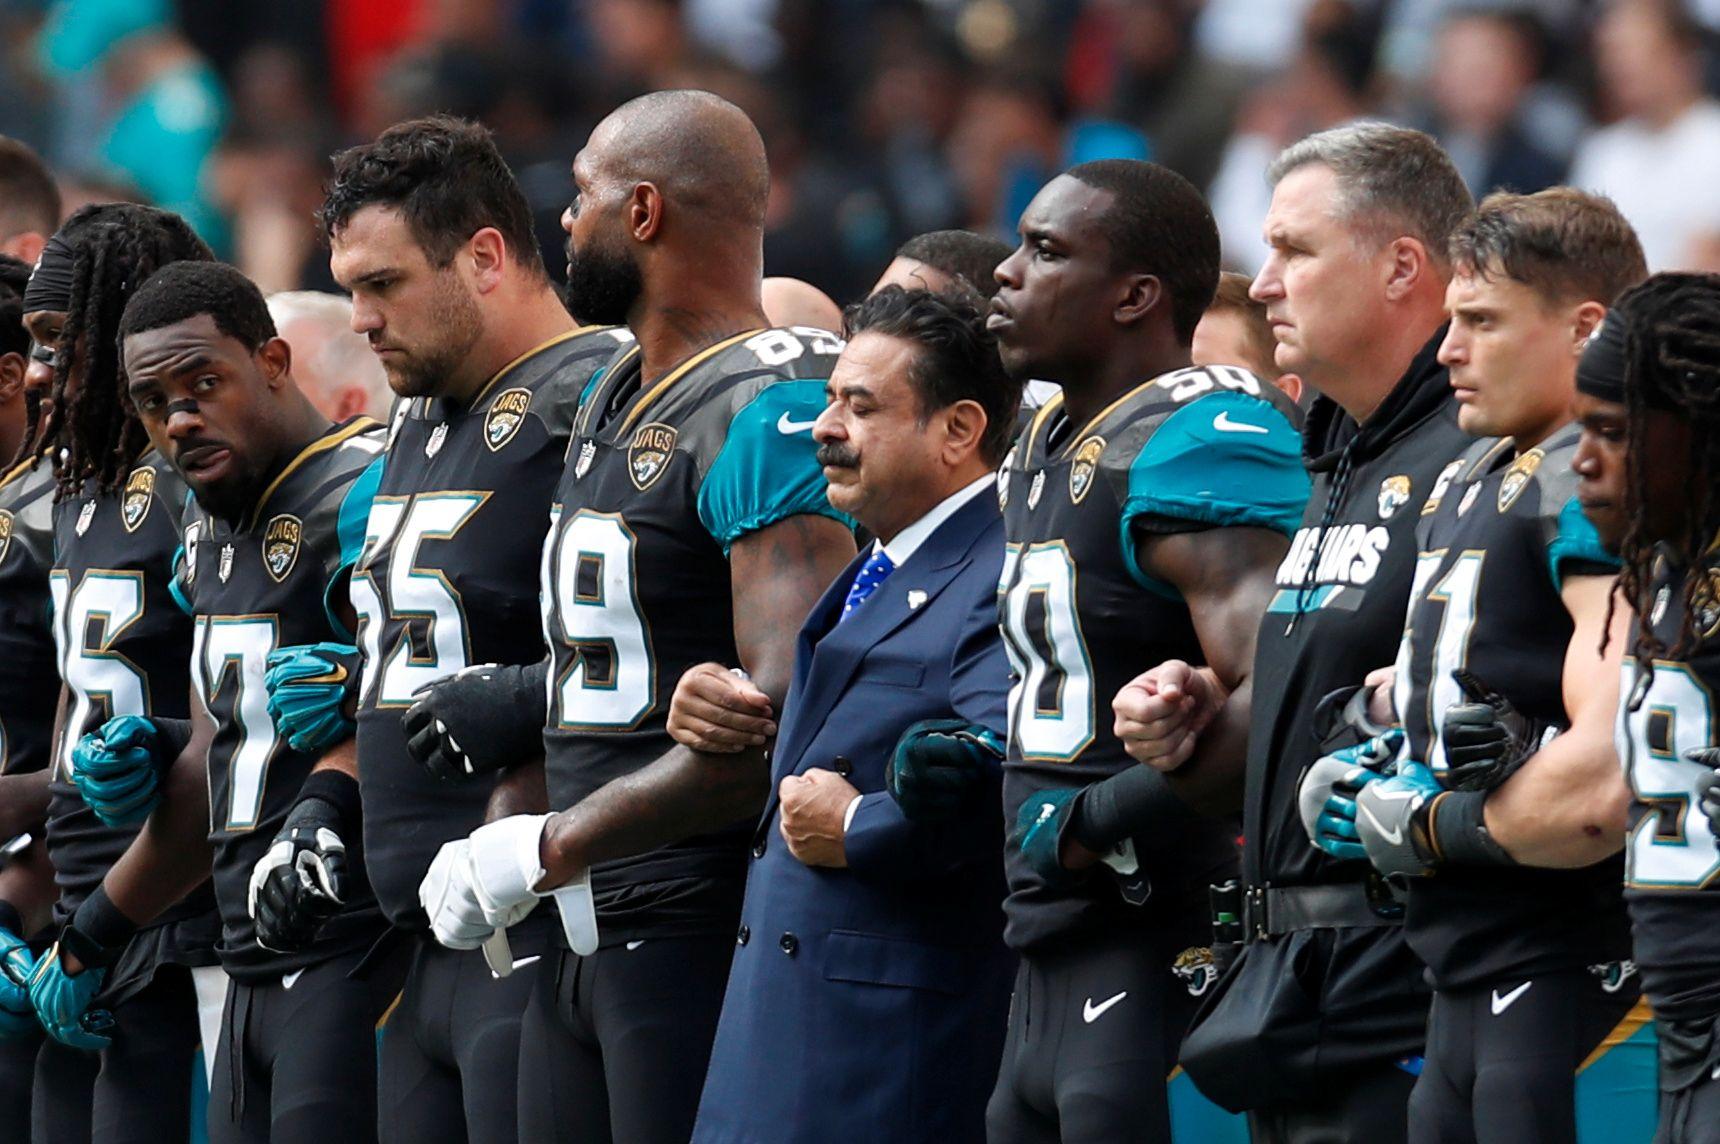 HÅND I HÅND: Spillere som ikke knelte, sto hånd i hånd med trenere, ansatte og Jacksonville Jaguars-eier Shahid Khan på Wembley søndag.